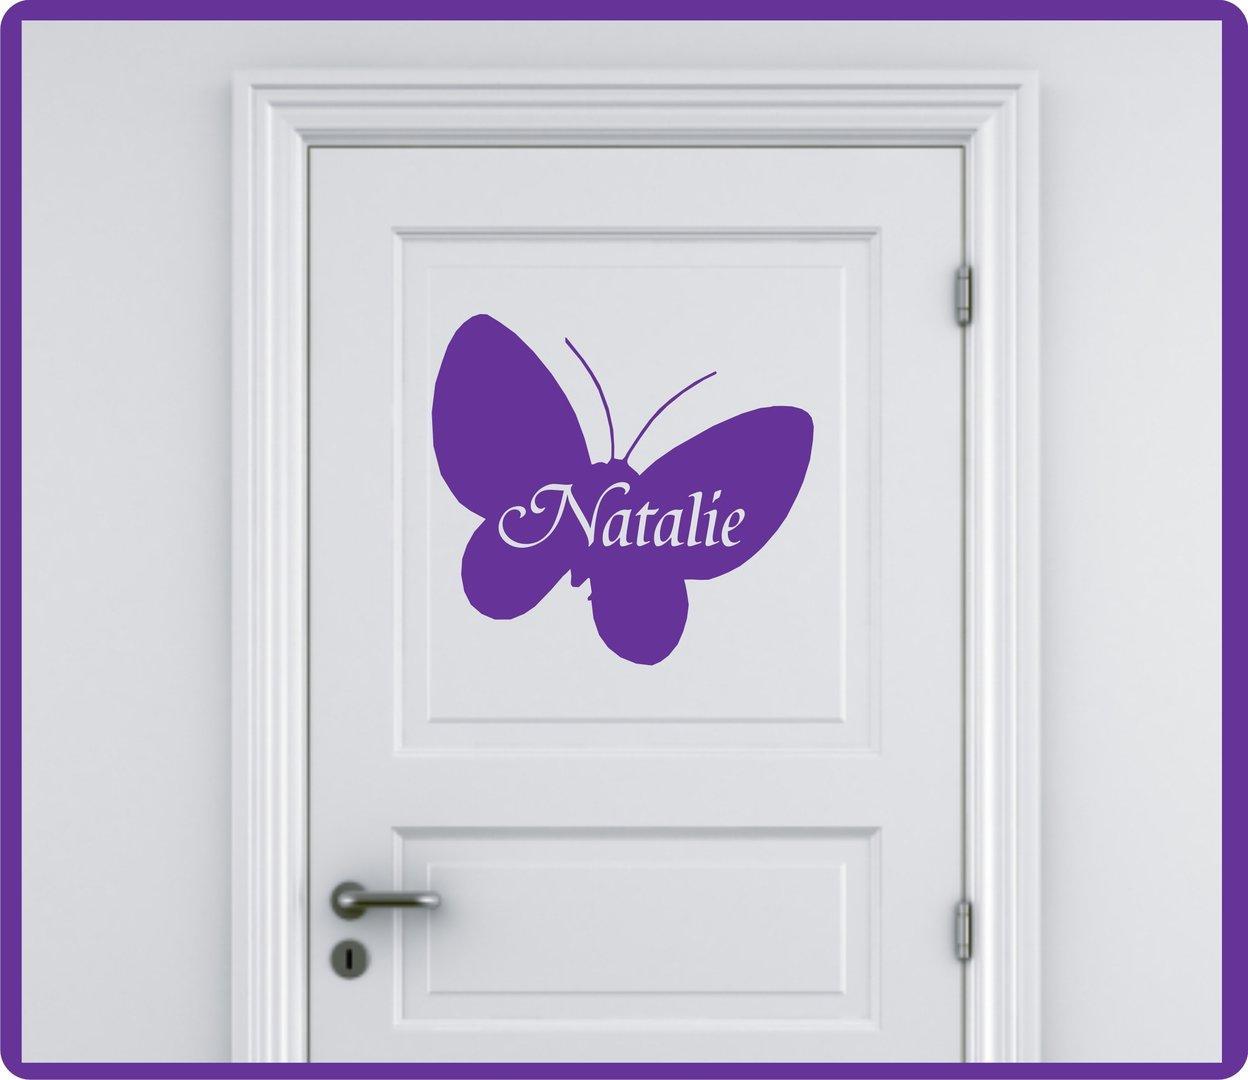 Großartig Wandtattoo Schmetterling Referenz Von Mit Name- Farbwahl